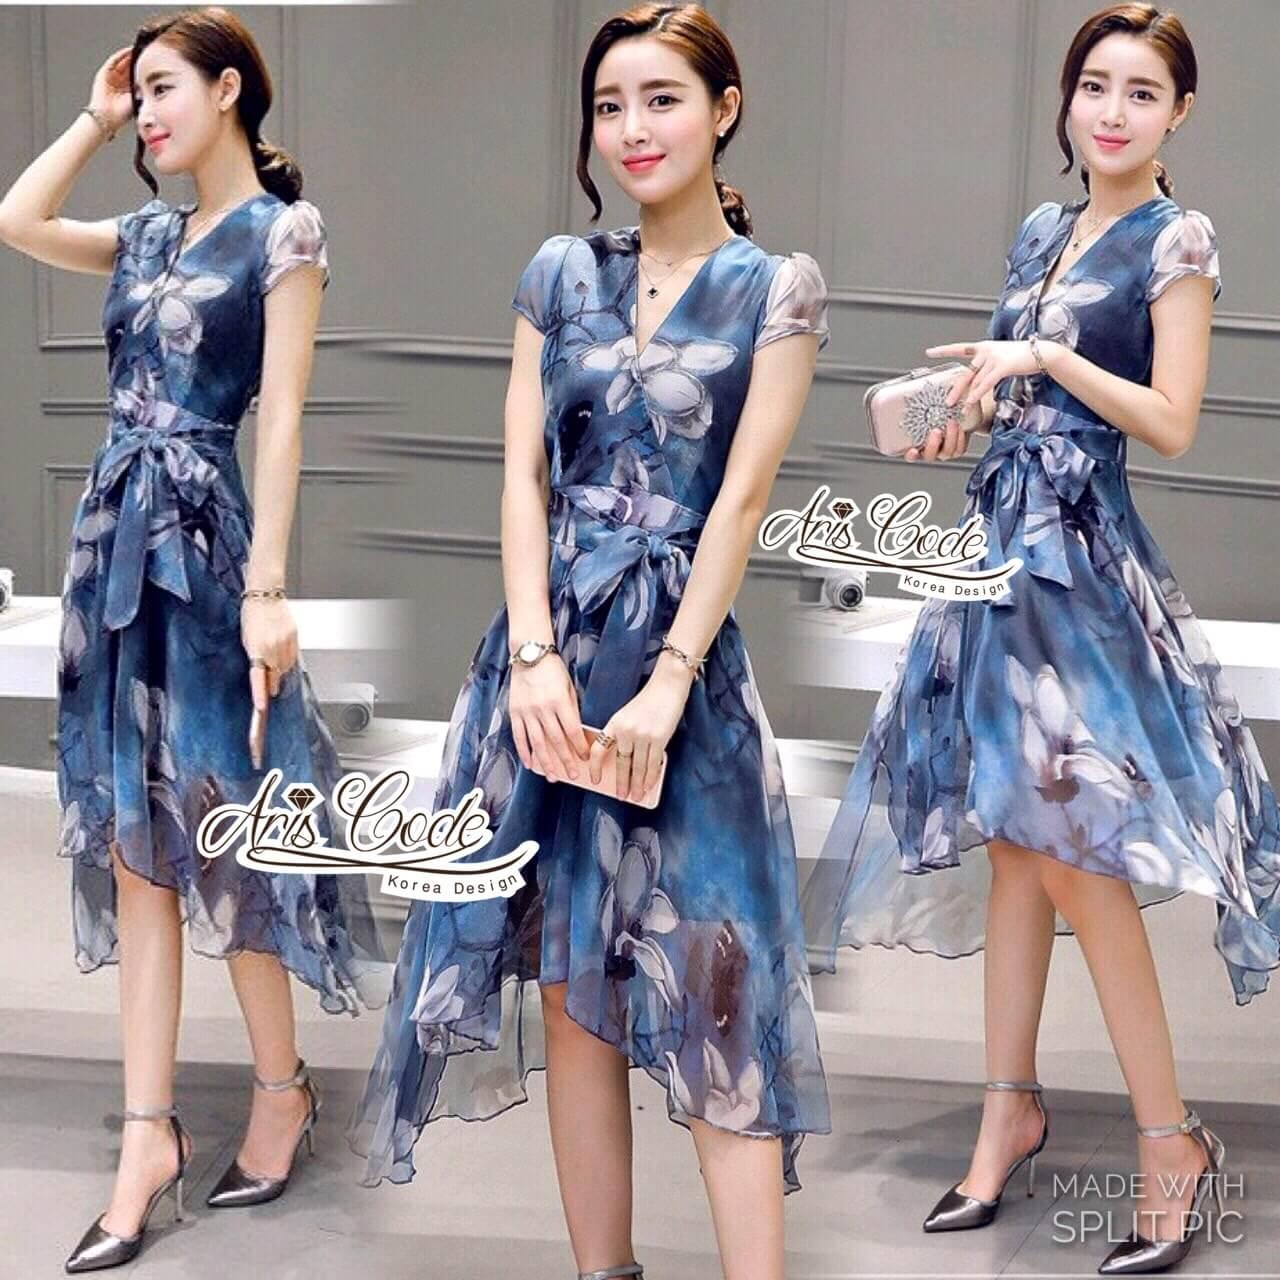 Korea Cocktail Dresses blue floral print by Aris Code